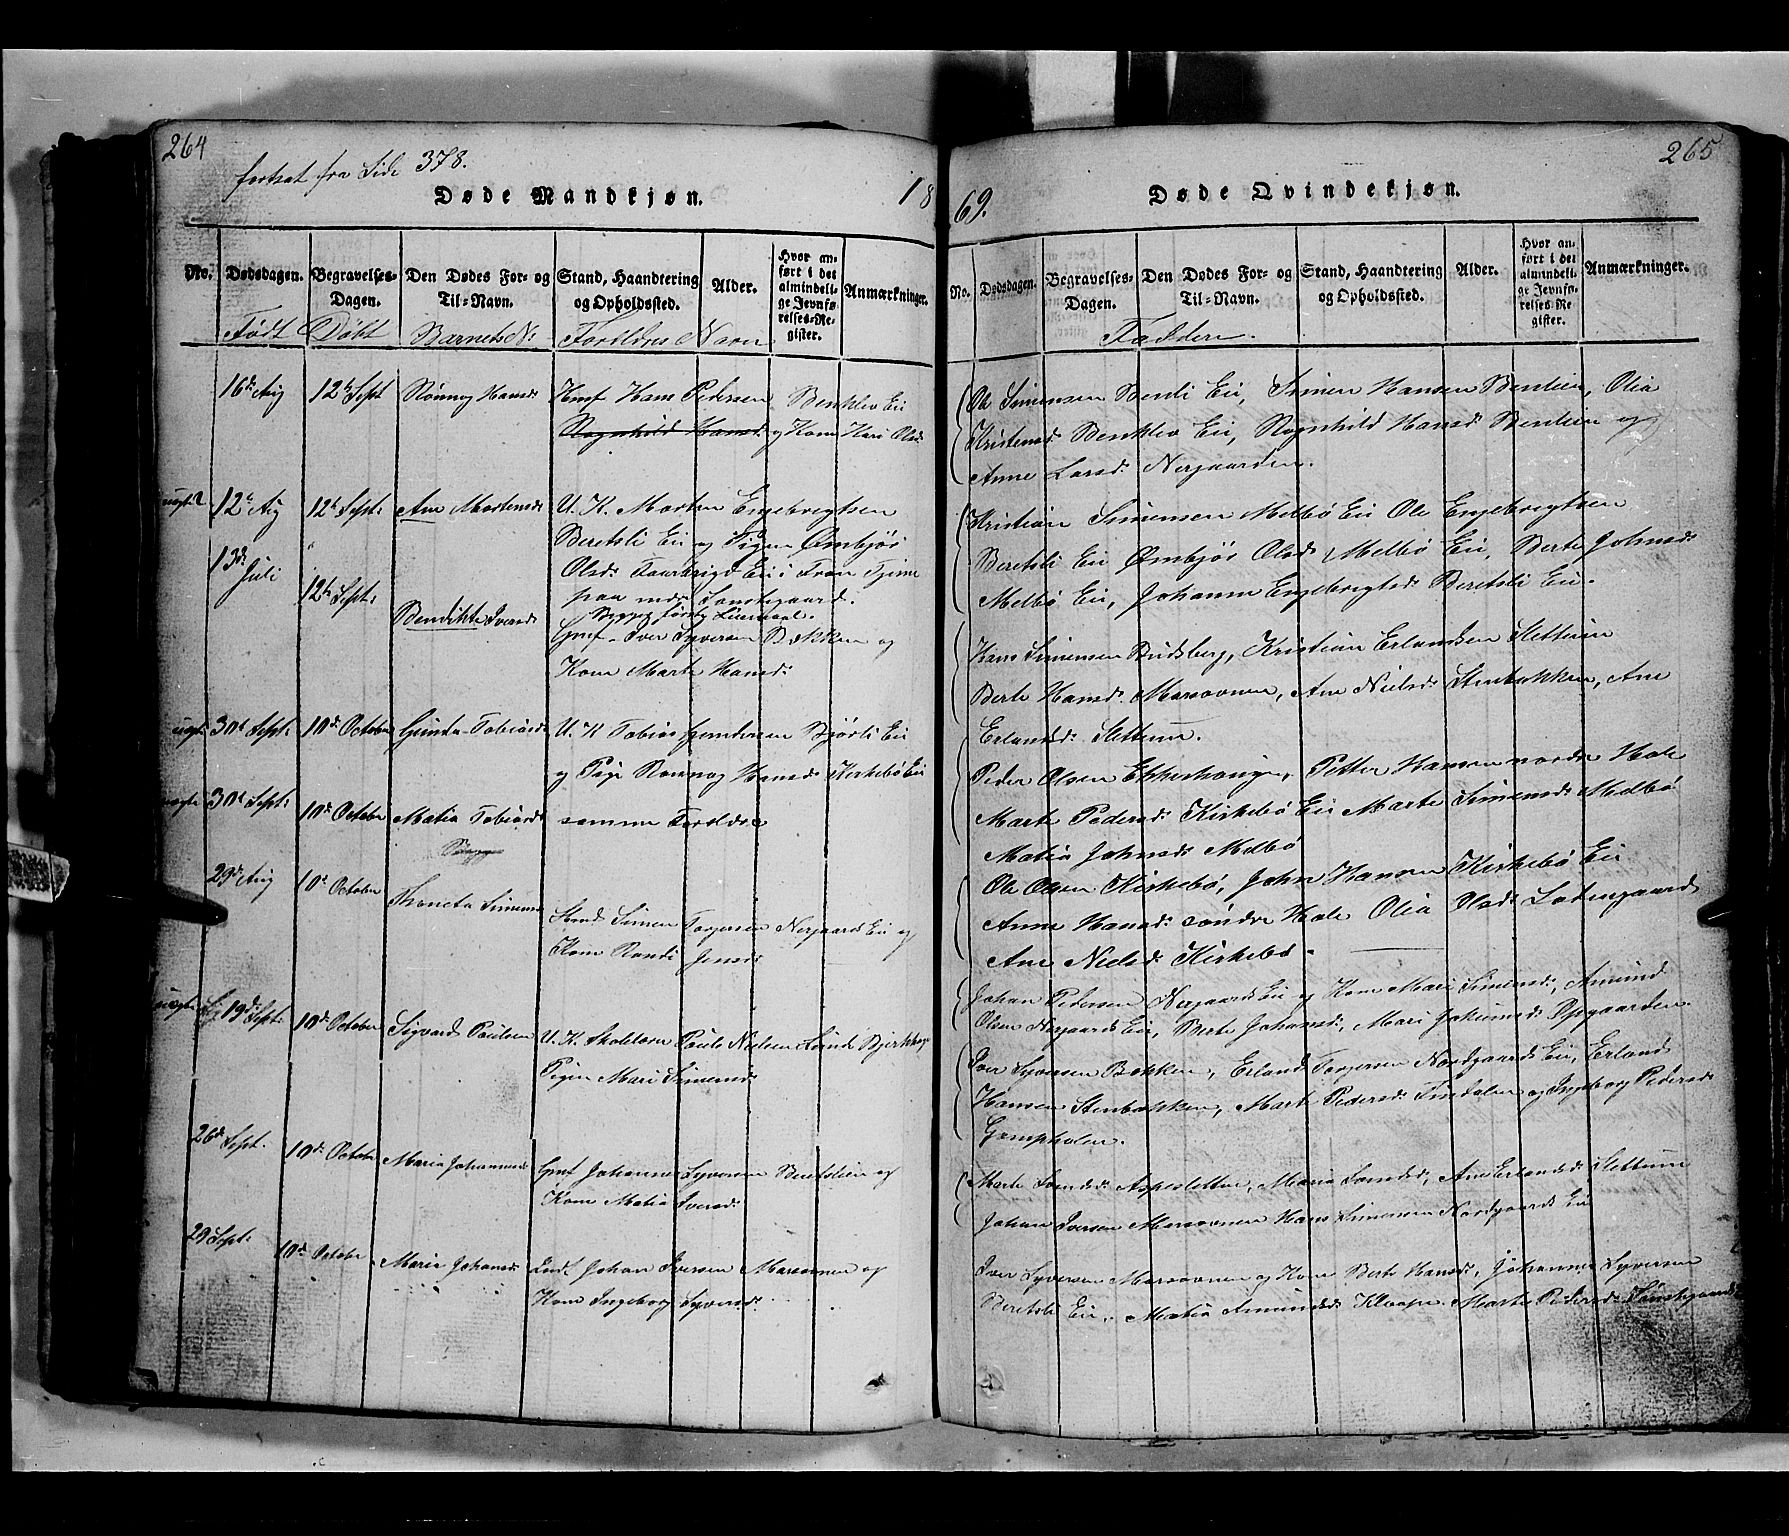 SAH, Gausdal prestekontor, Klokkerbok nr. 2, 1818-1874, s. 264-265